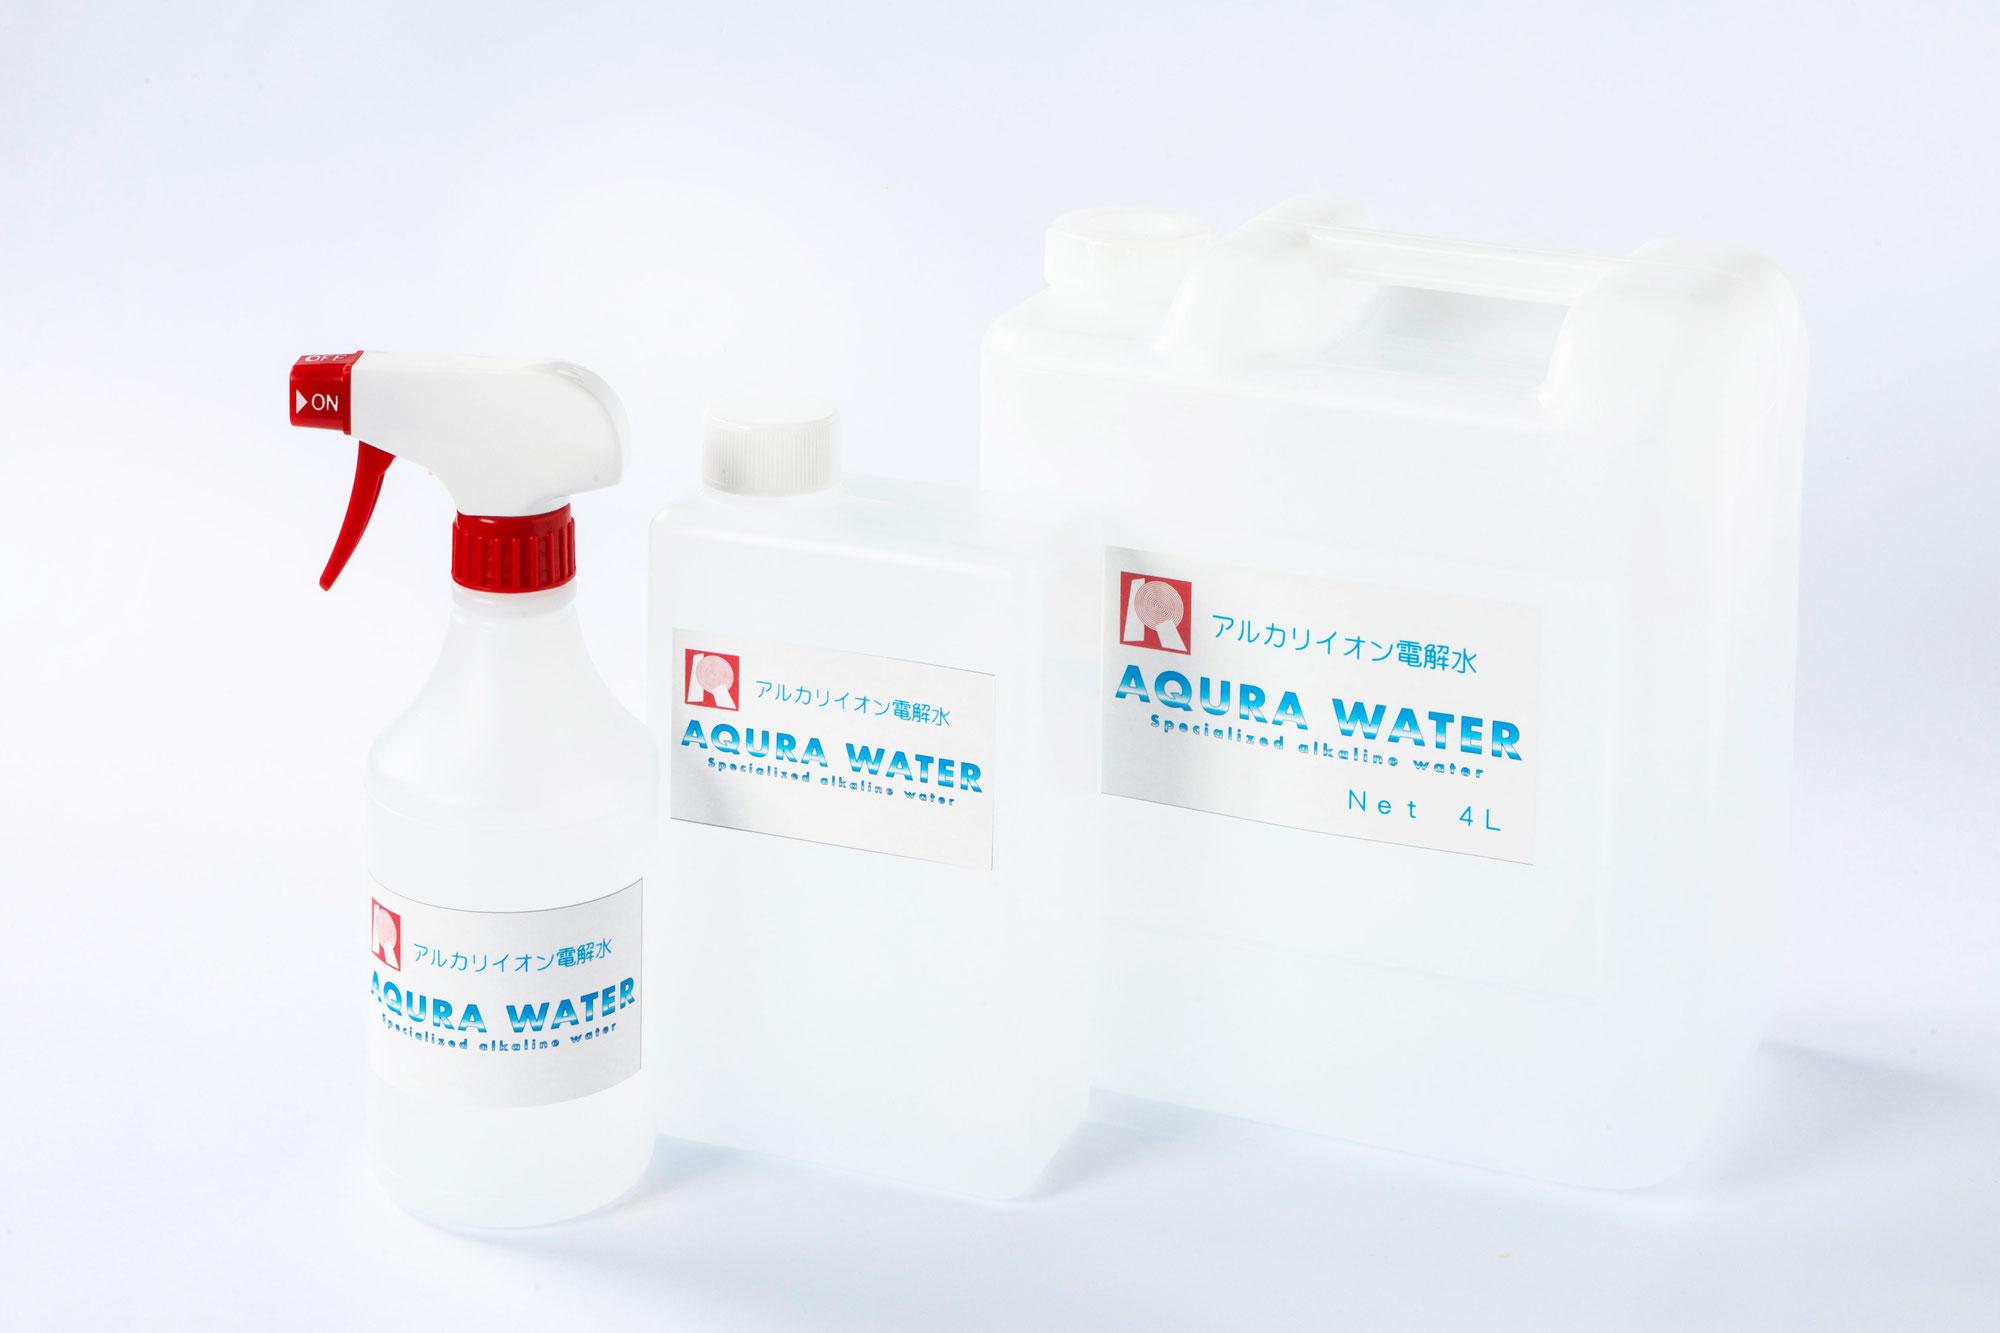 アルカリイオン電解水の力(AQURA WATER)